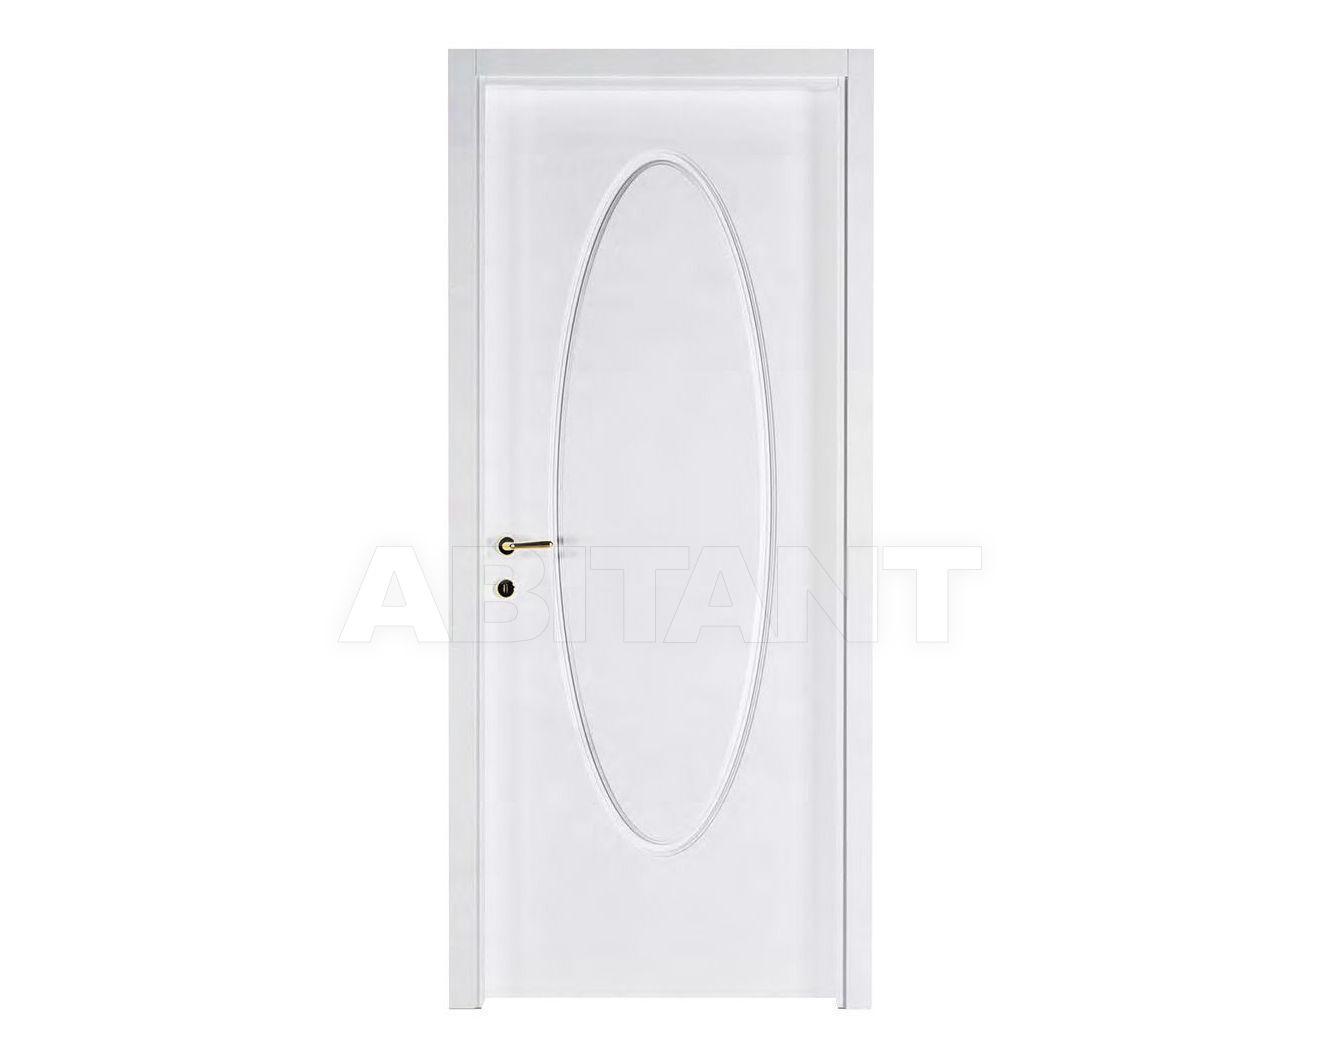 Купить Дверь деревянная Fioravazzi Pantografate ELLISSE CIECA TOP